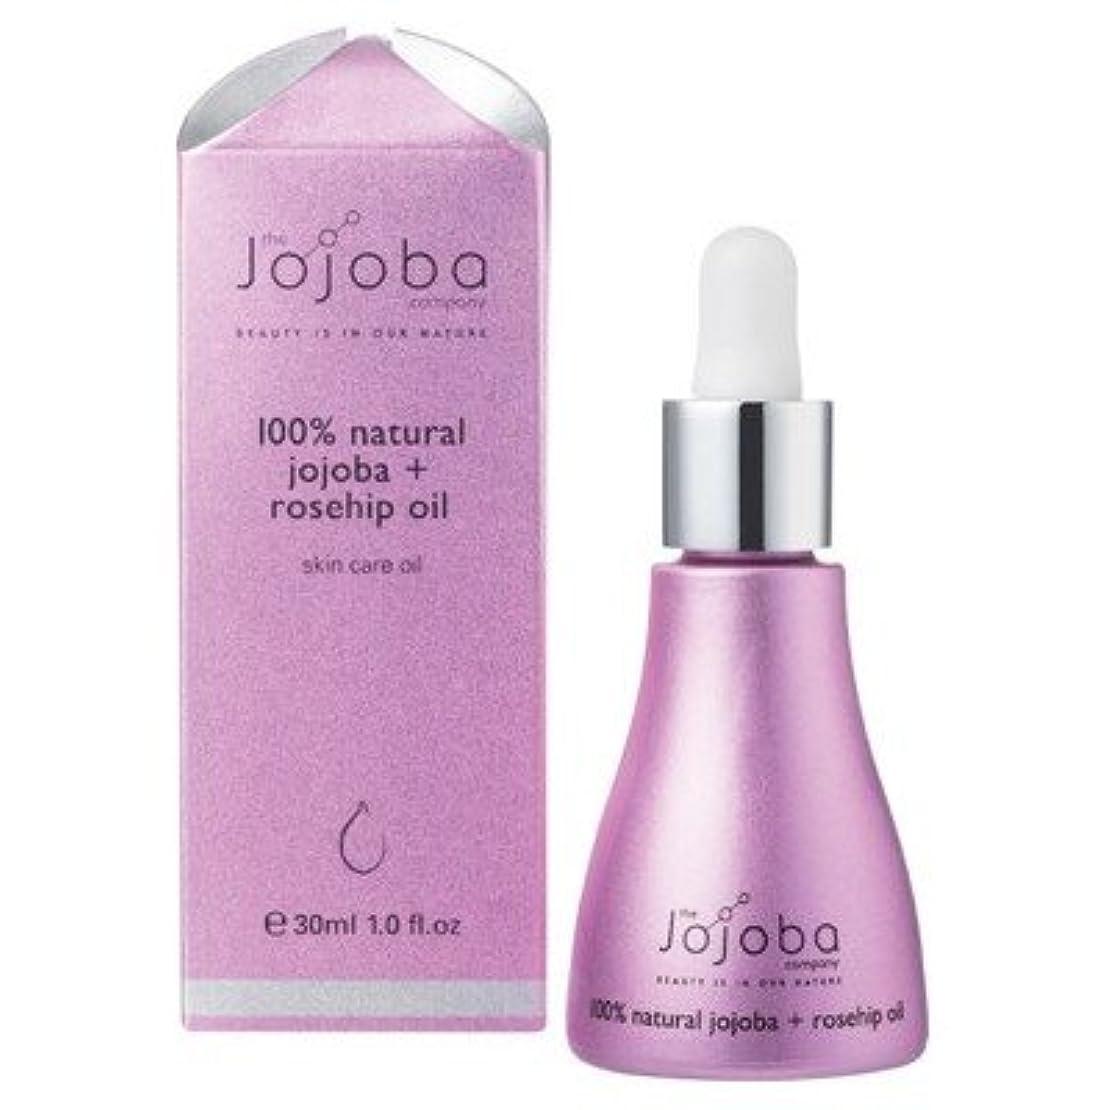 砦楽しませるいとこthe Jojoba Company 100% Natural Australian Jojoba Oil + Rosehip Oil ホホバ&ローズヒップブレンドオイル 30ml [海外直送品]